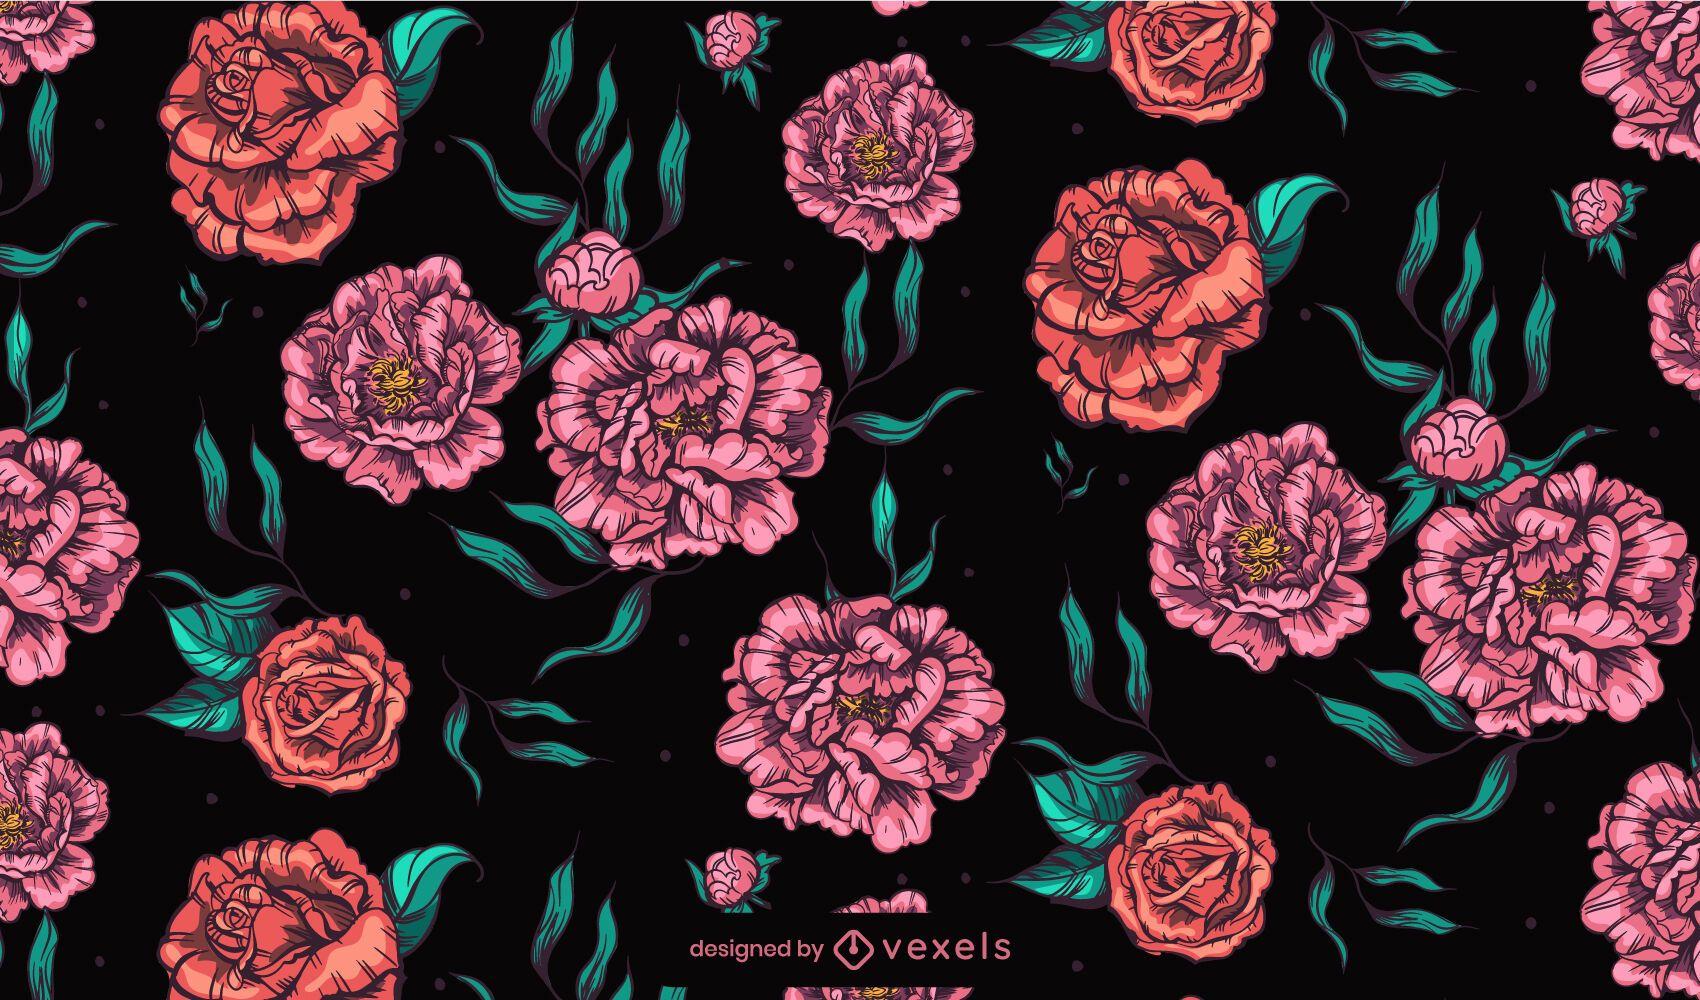 Peonies flowers pattern design